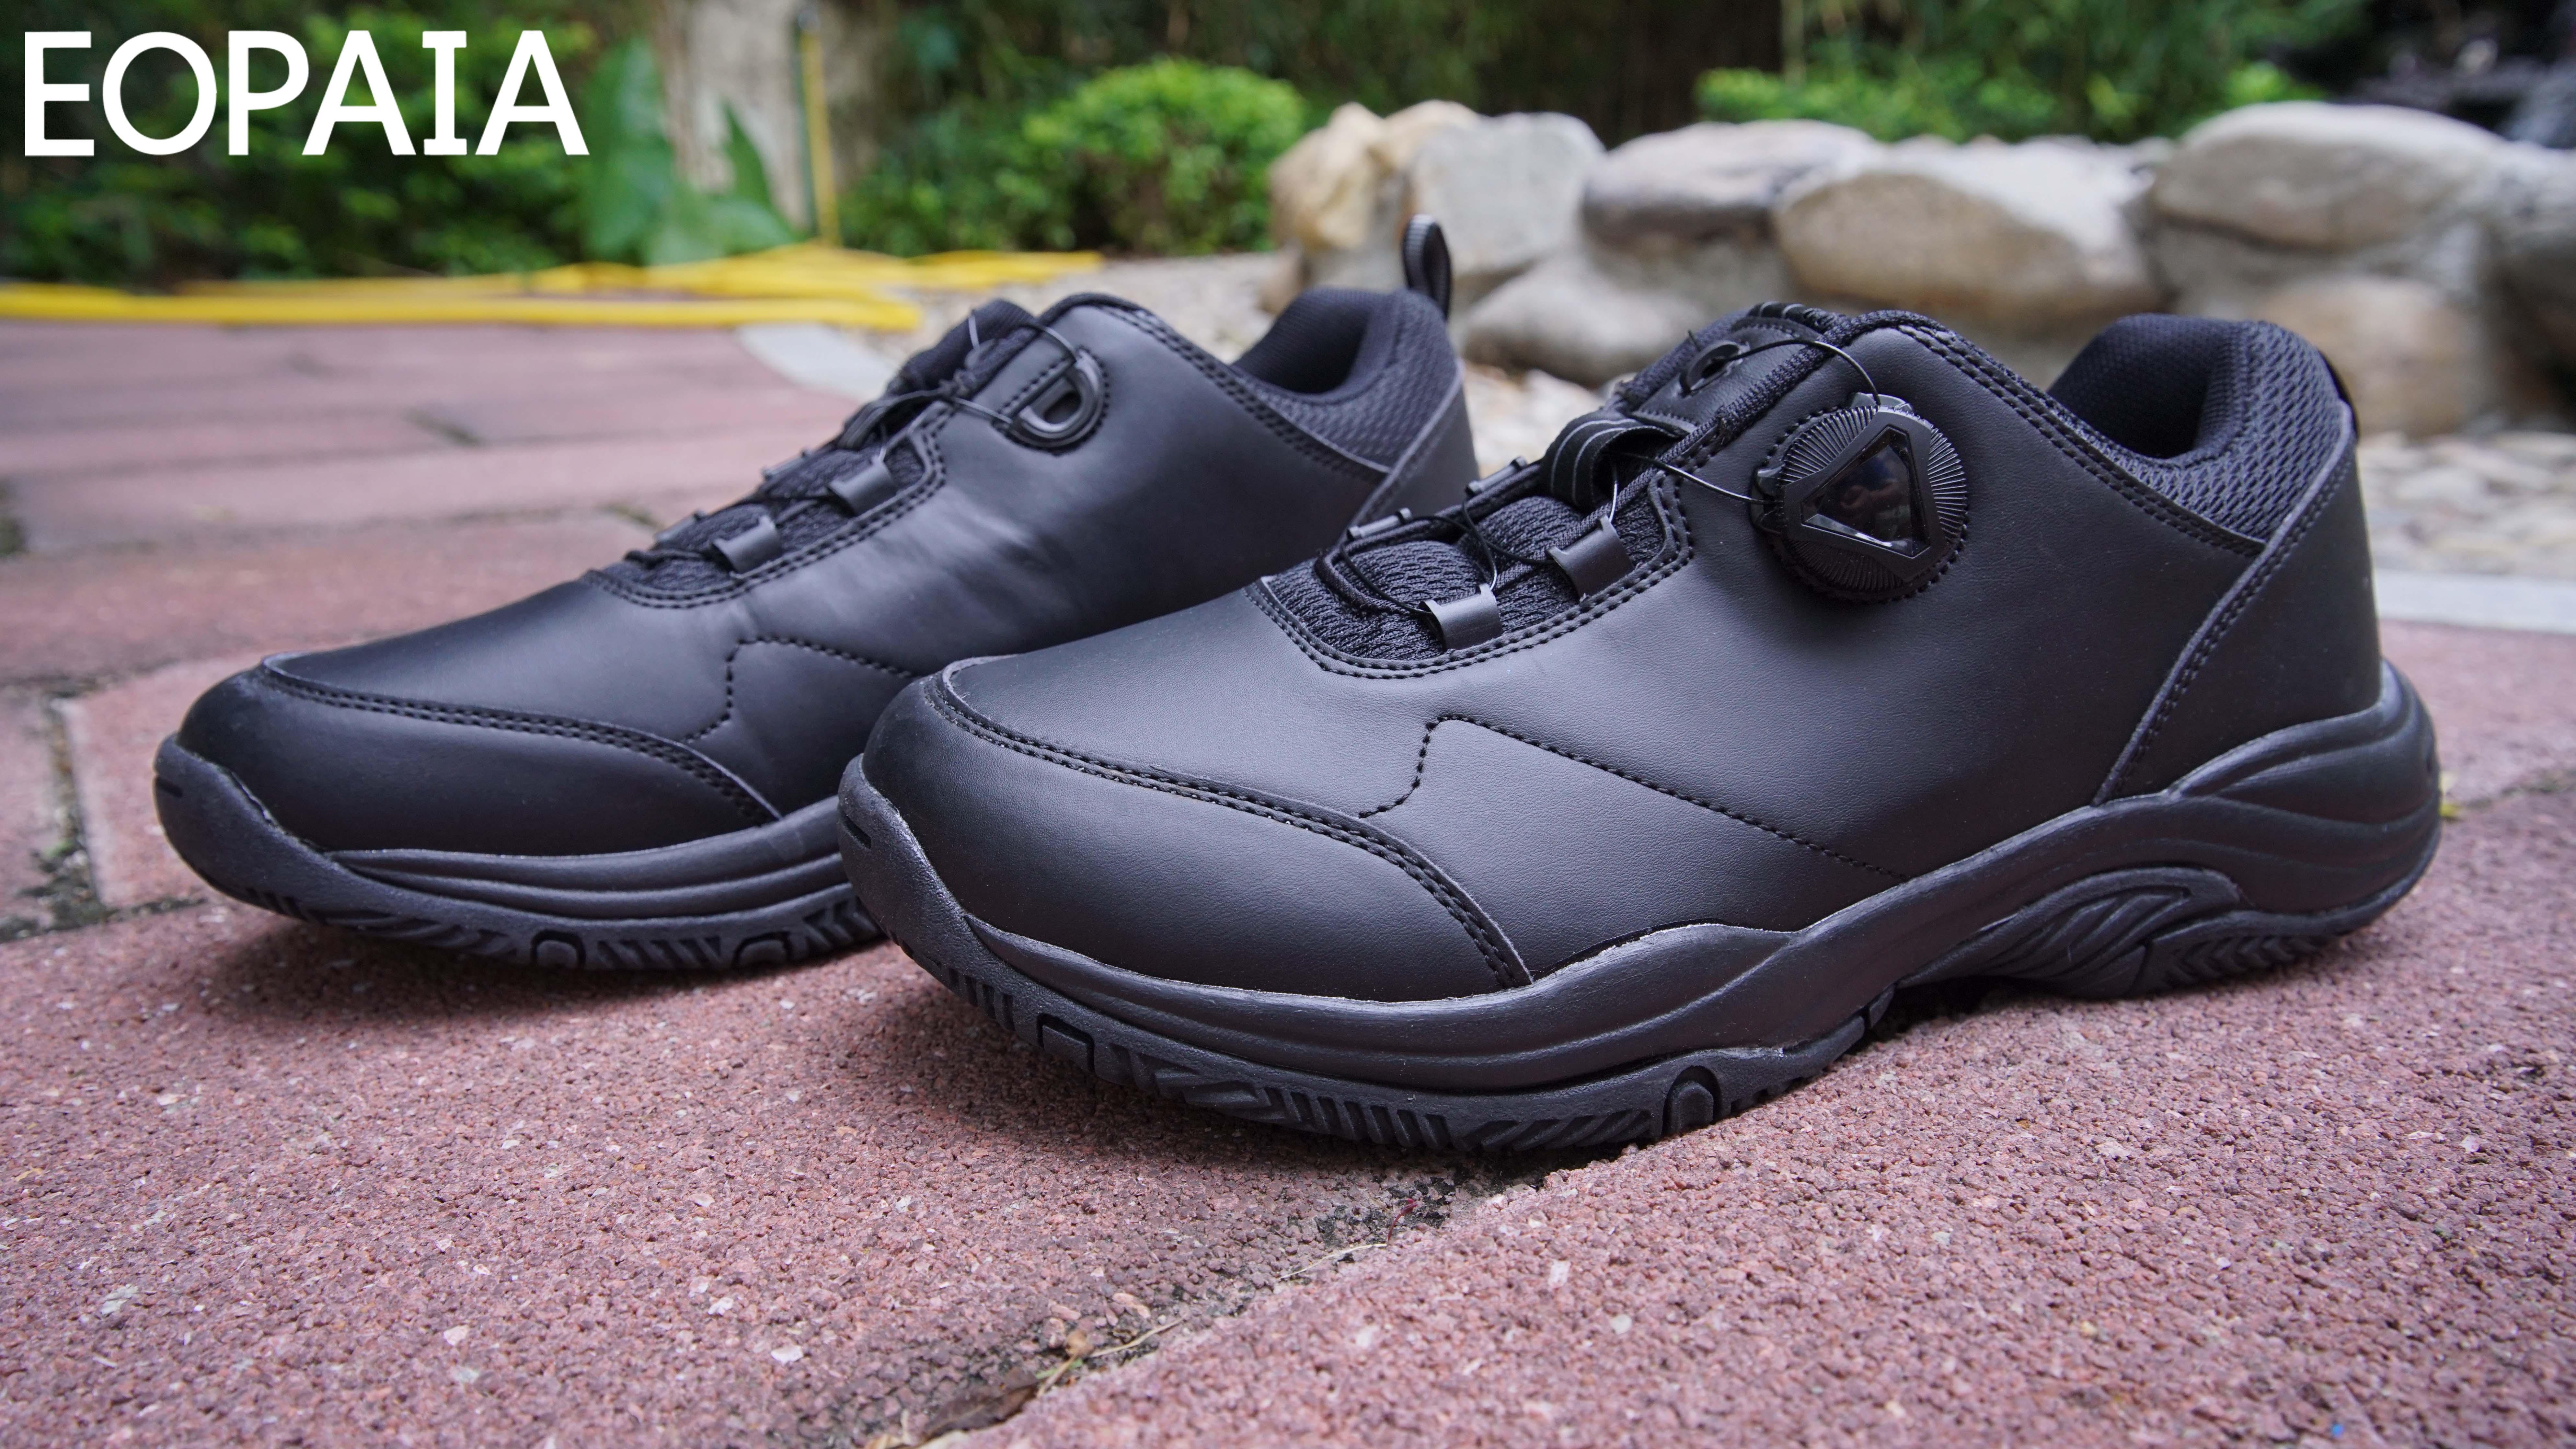 Chaussures extérieures durables pour femmes à profil bas